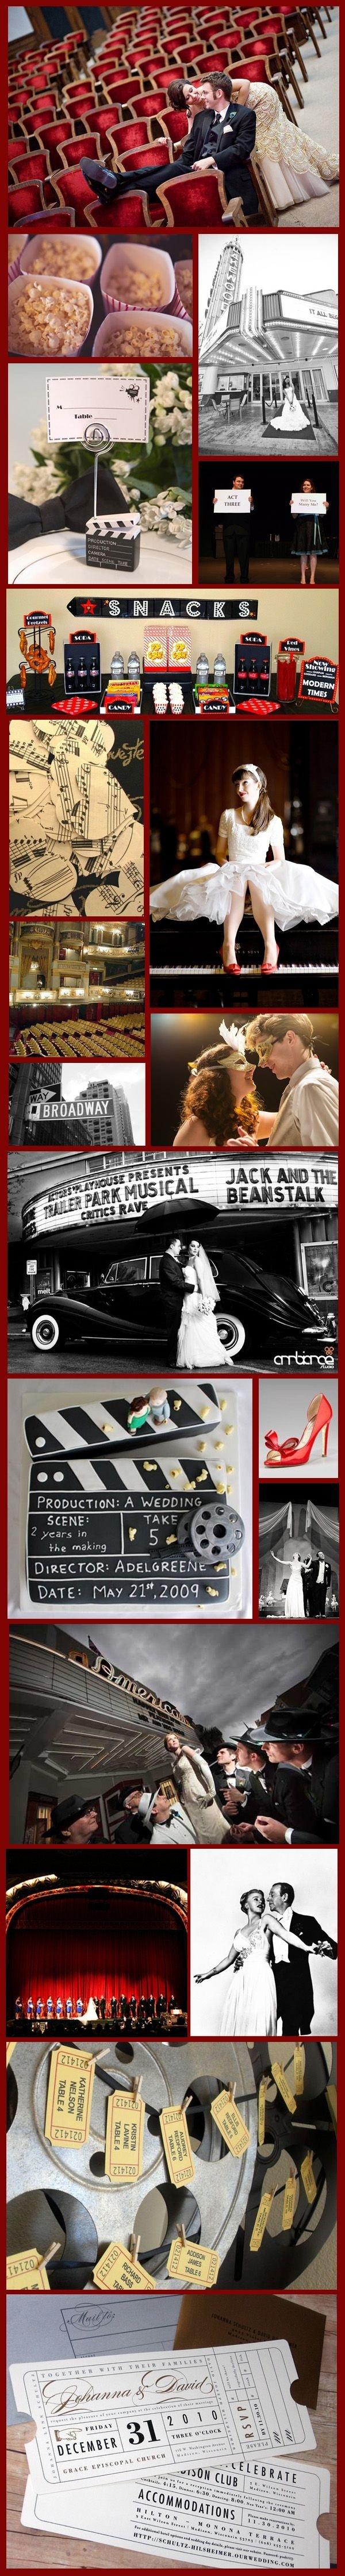 image,poster,art,collage,screenshot,